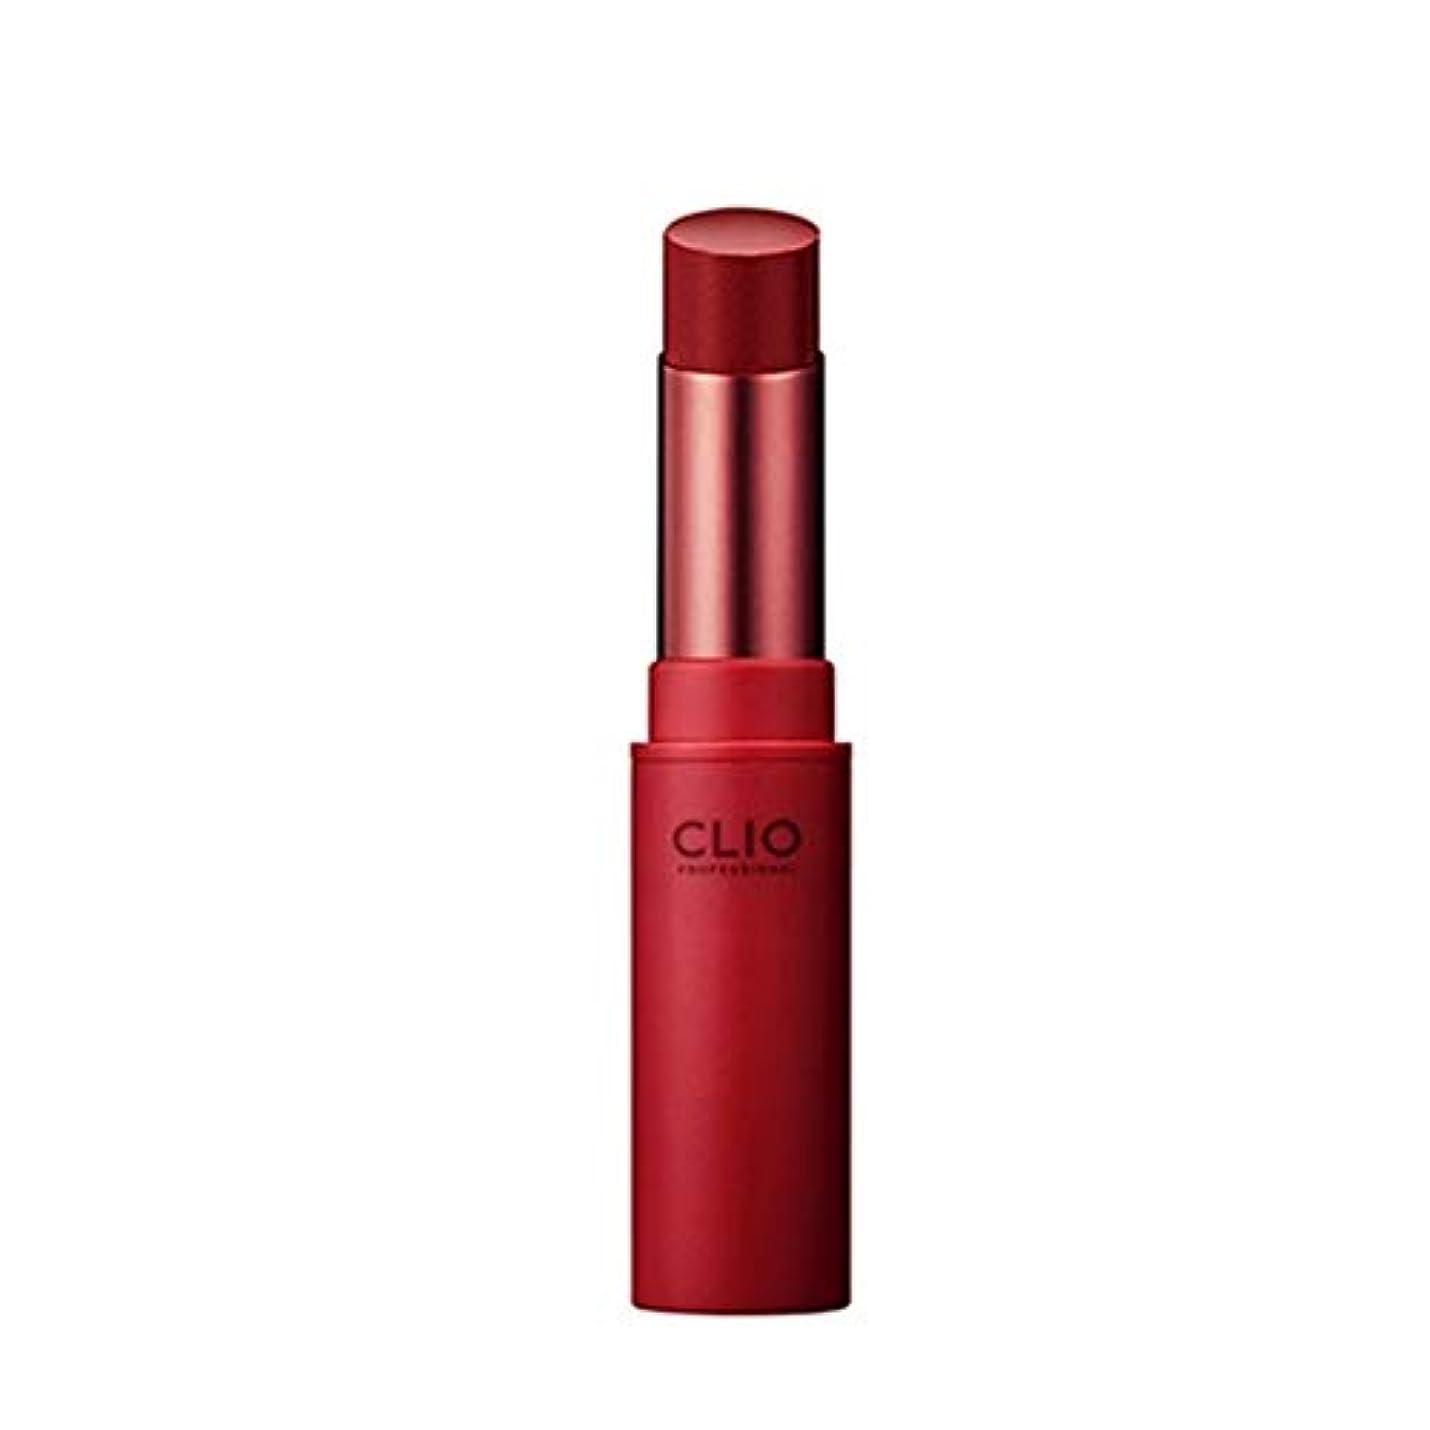 掻く責めるテロリストクリオマッドマットリップADリップスティック韓国コスメ、Clio Mad Matte Lips AD Lipstick Korean Cosmetics [並行輸入品] (18. deep cranberry)